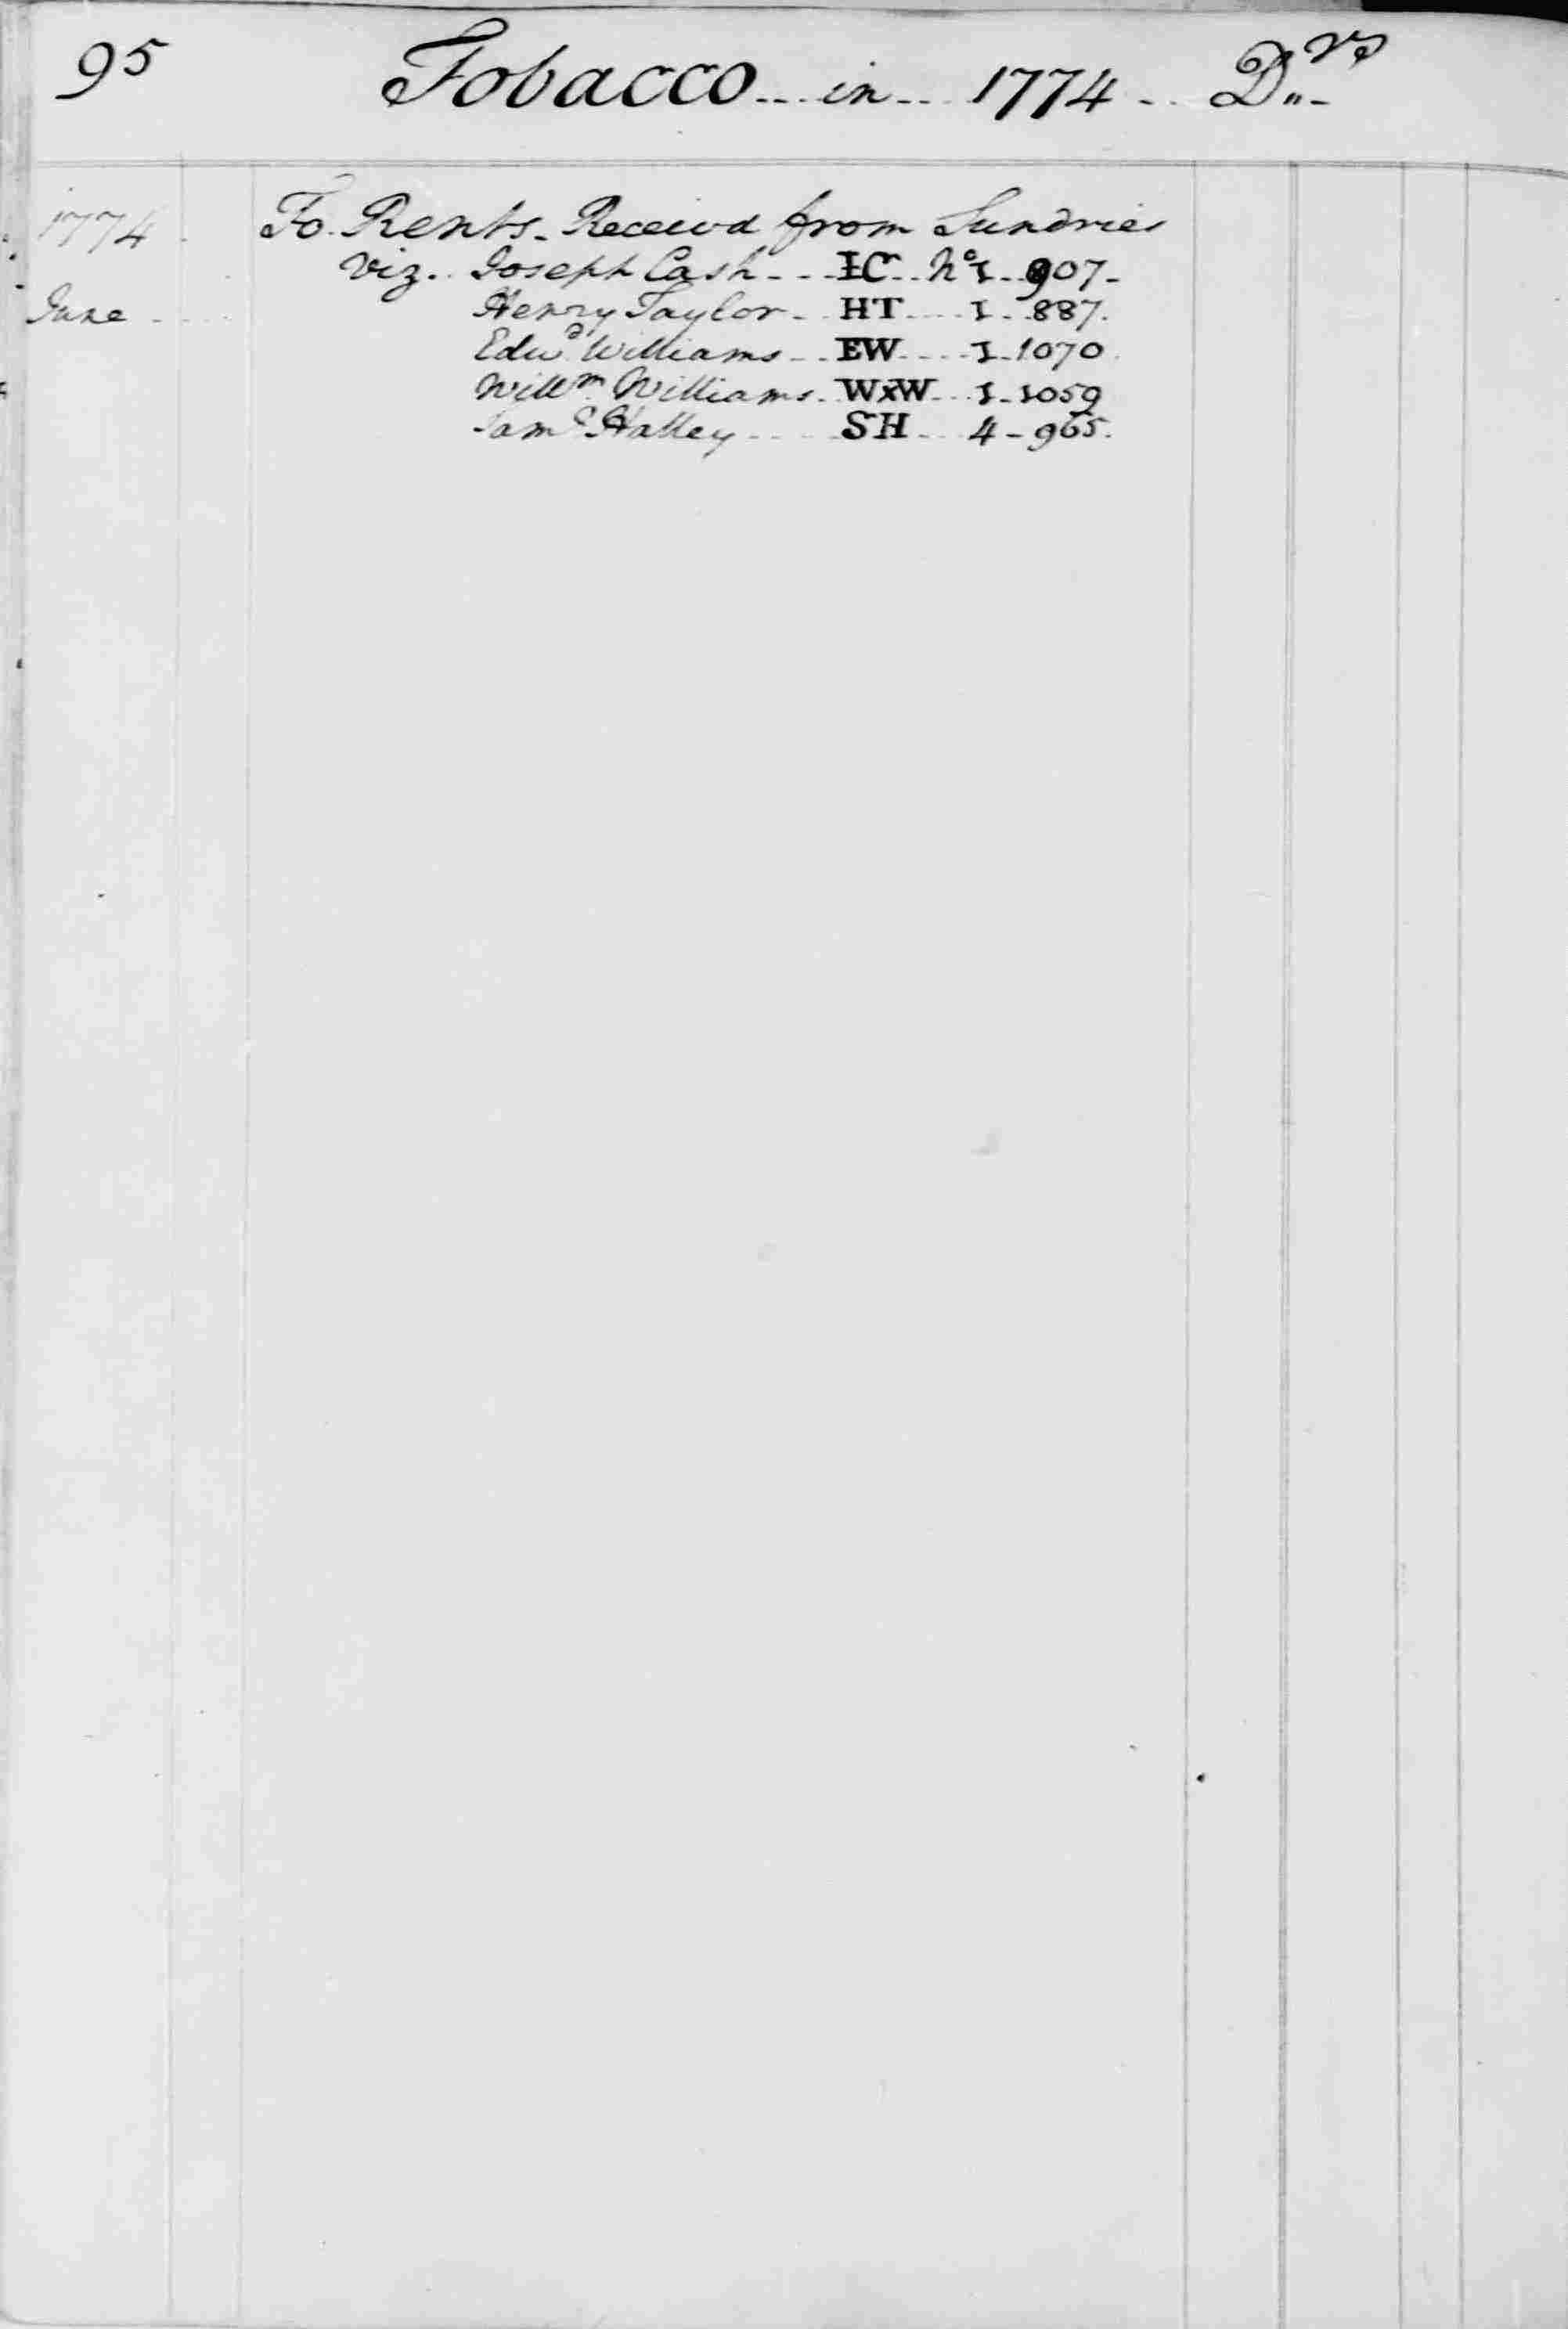 Ledger B, folio 95, left side